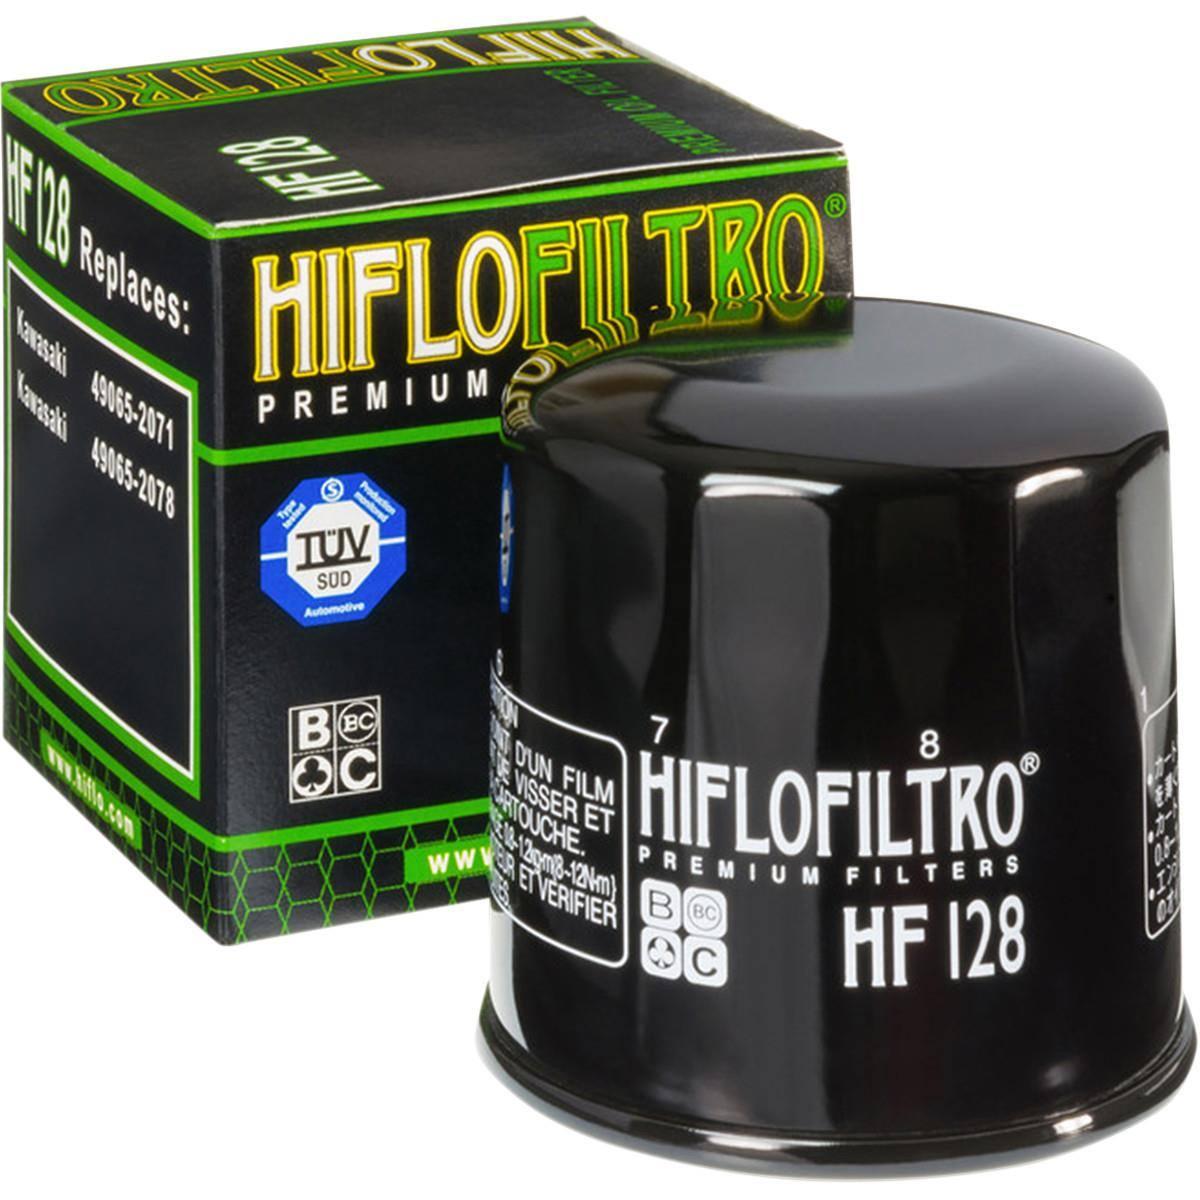 HIFLO OIL FILTER FITS HONDA TRX500 FM FOURTRAX FOREMAN 4X4 2005-2012